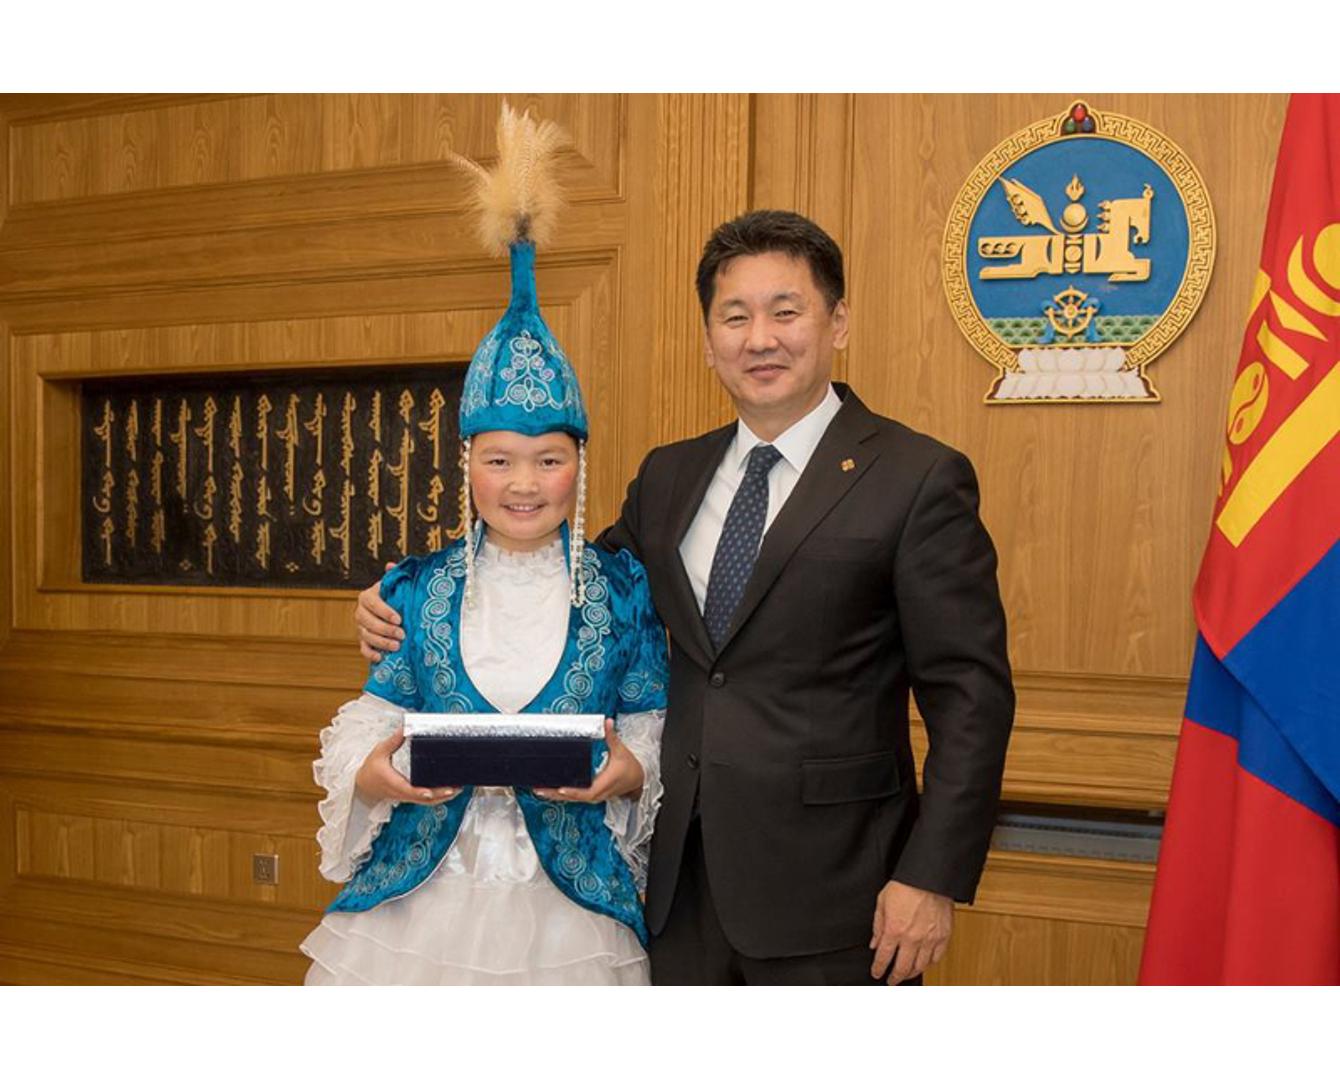 Обзор иностранной казахскоязычной прессы